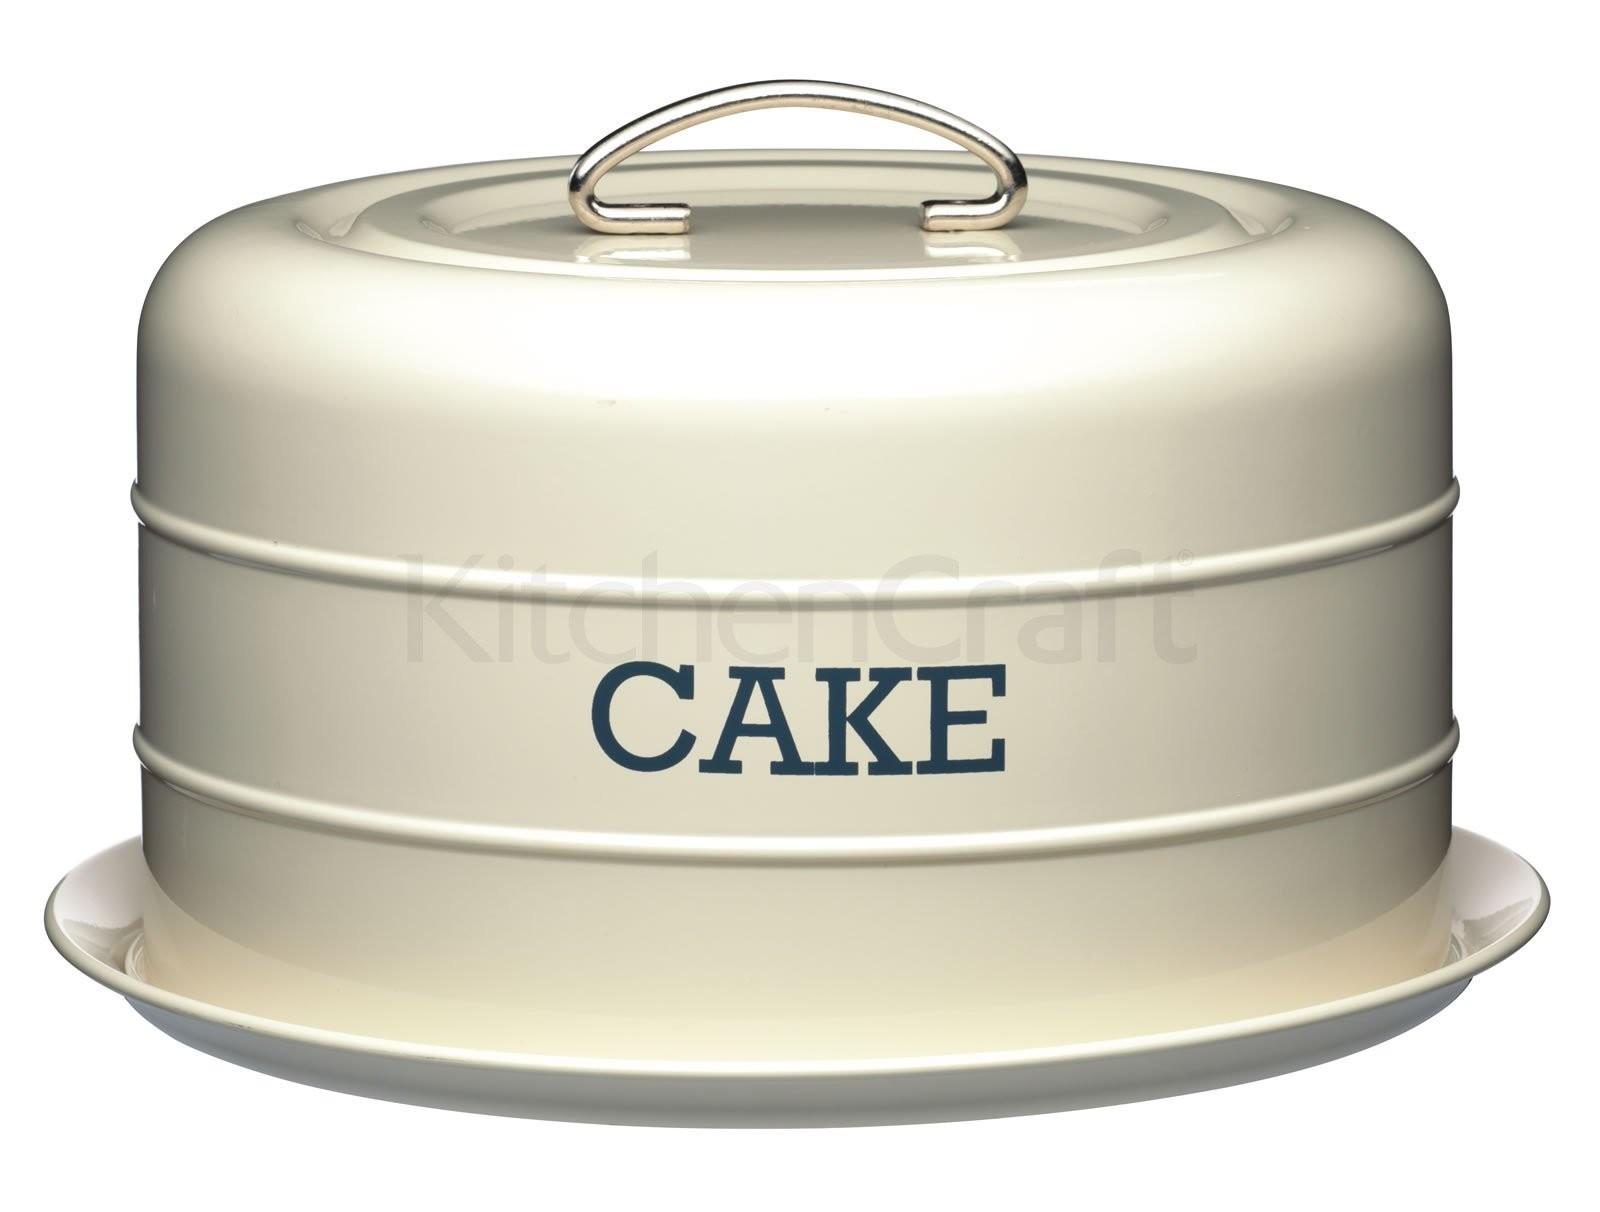 τουρτιέρα μεταλλική living nostalgia kitchencraft 28.5cm home   ζαχαροπλαστικη   τουρτιέρα   θήκες cake